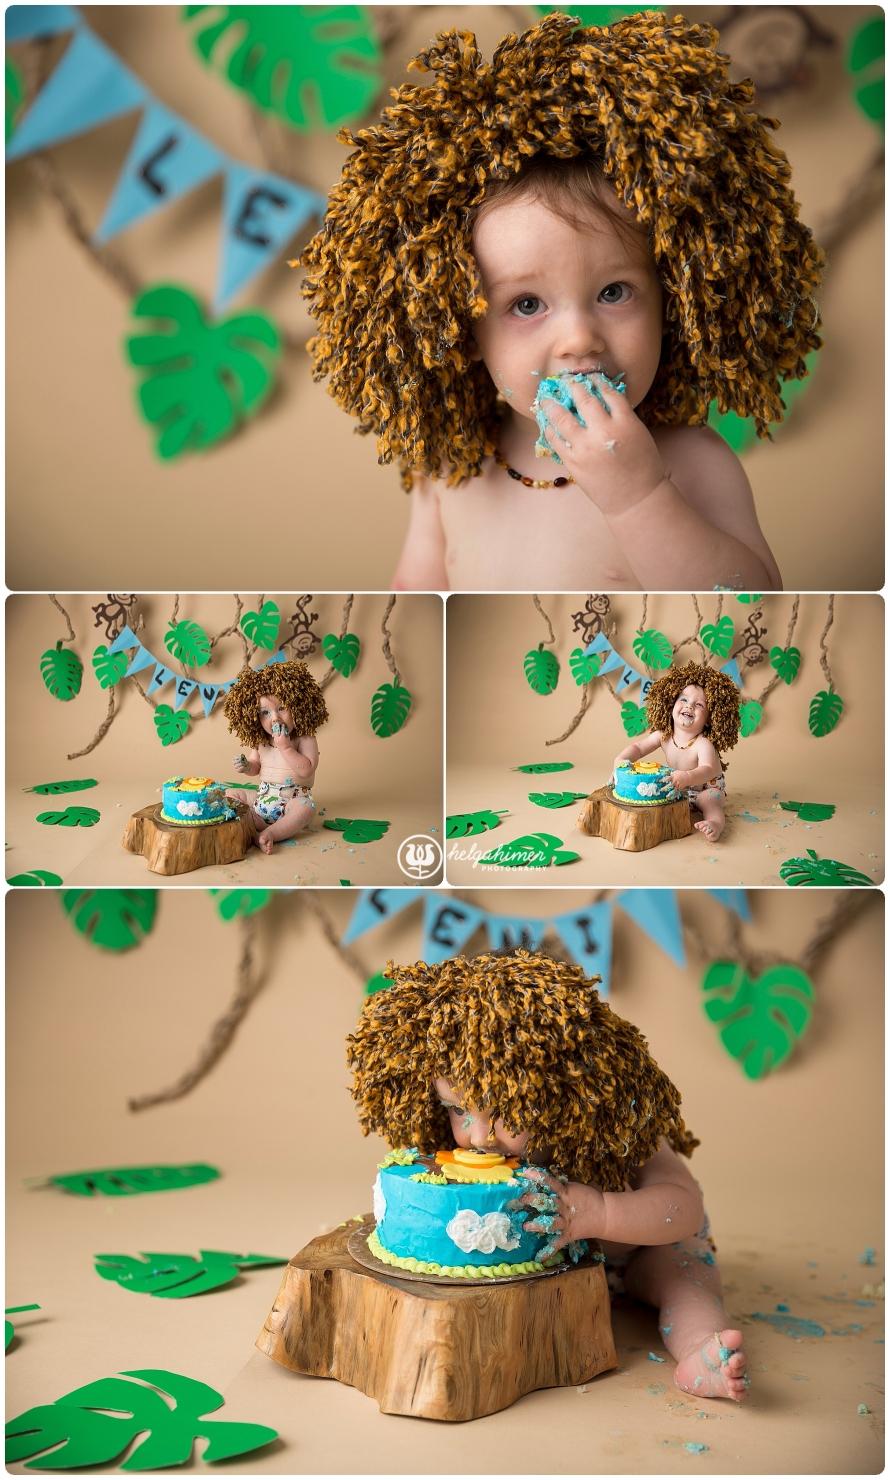 cake-smash-sudbury-infant-photographer-cakesmash-session-lion-leo-blue-oneyear-helgahimer-photography-baby-eating-cake-lion-main